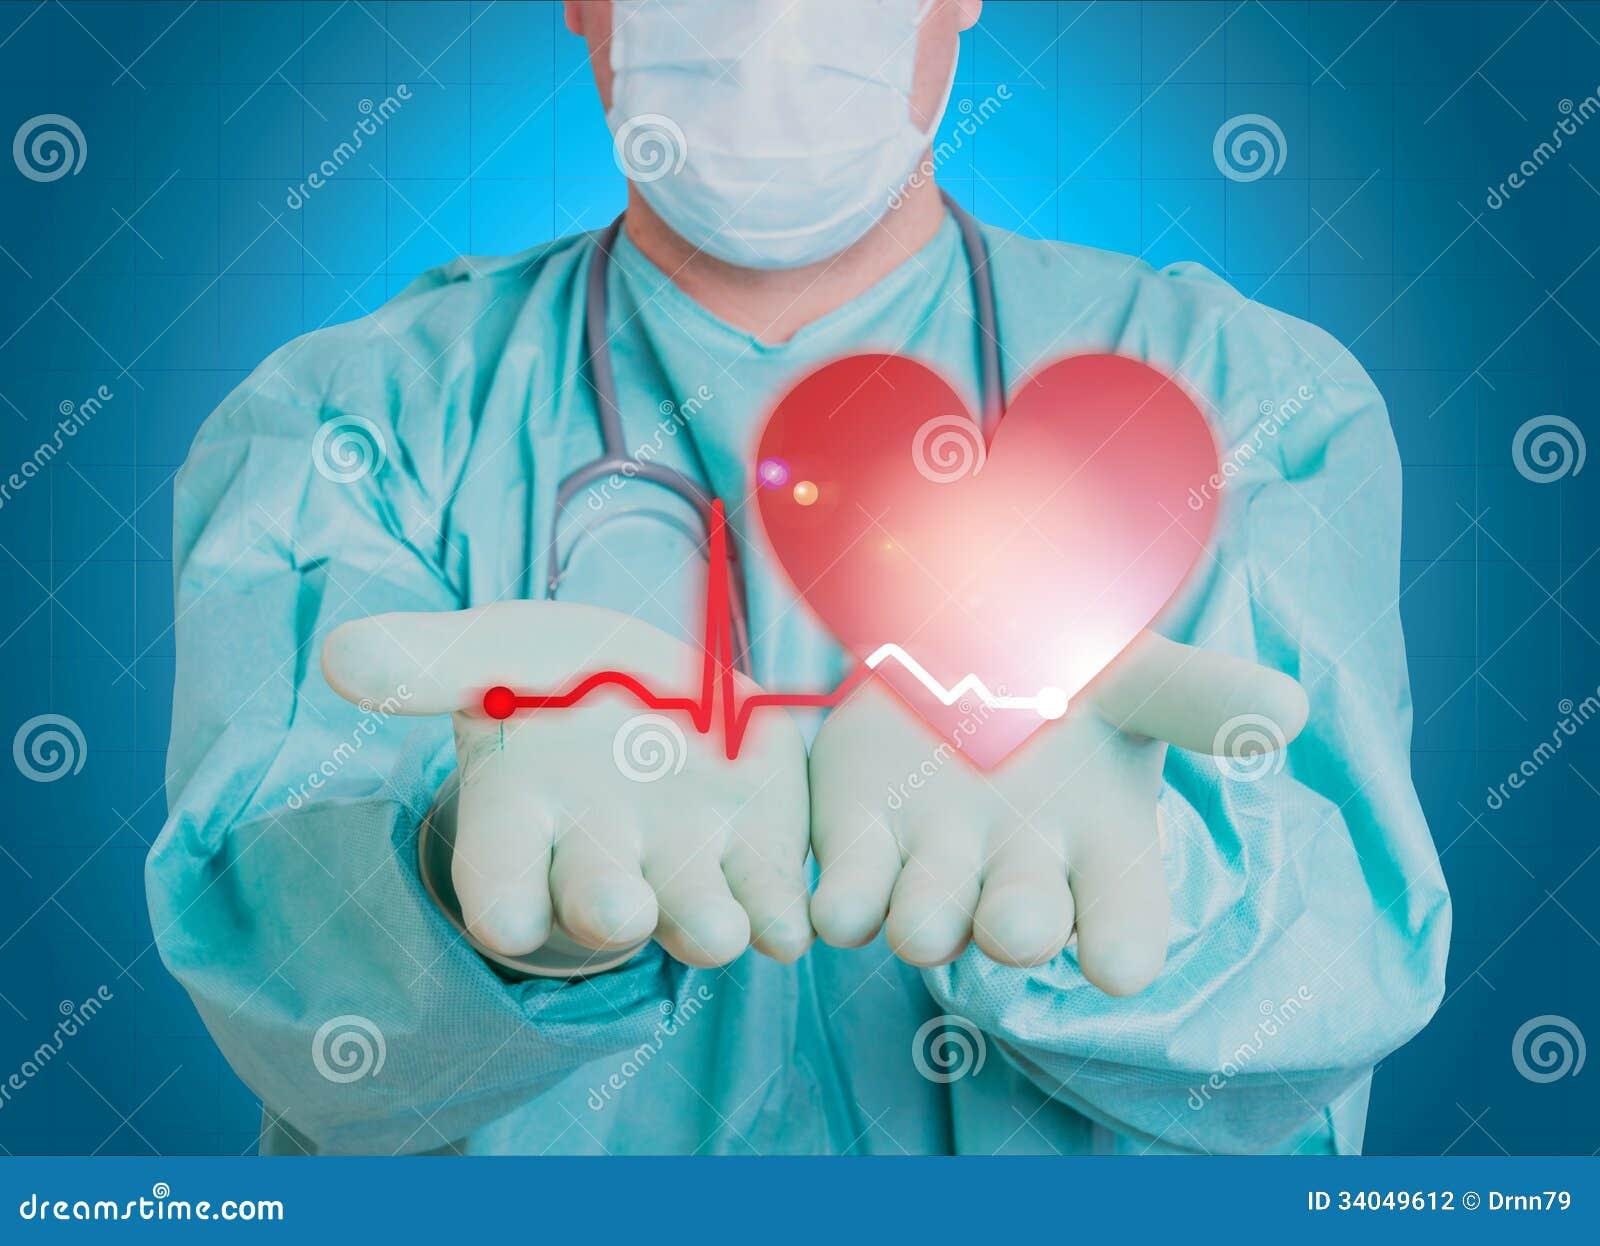 La ciencia de la salud